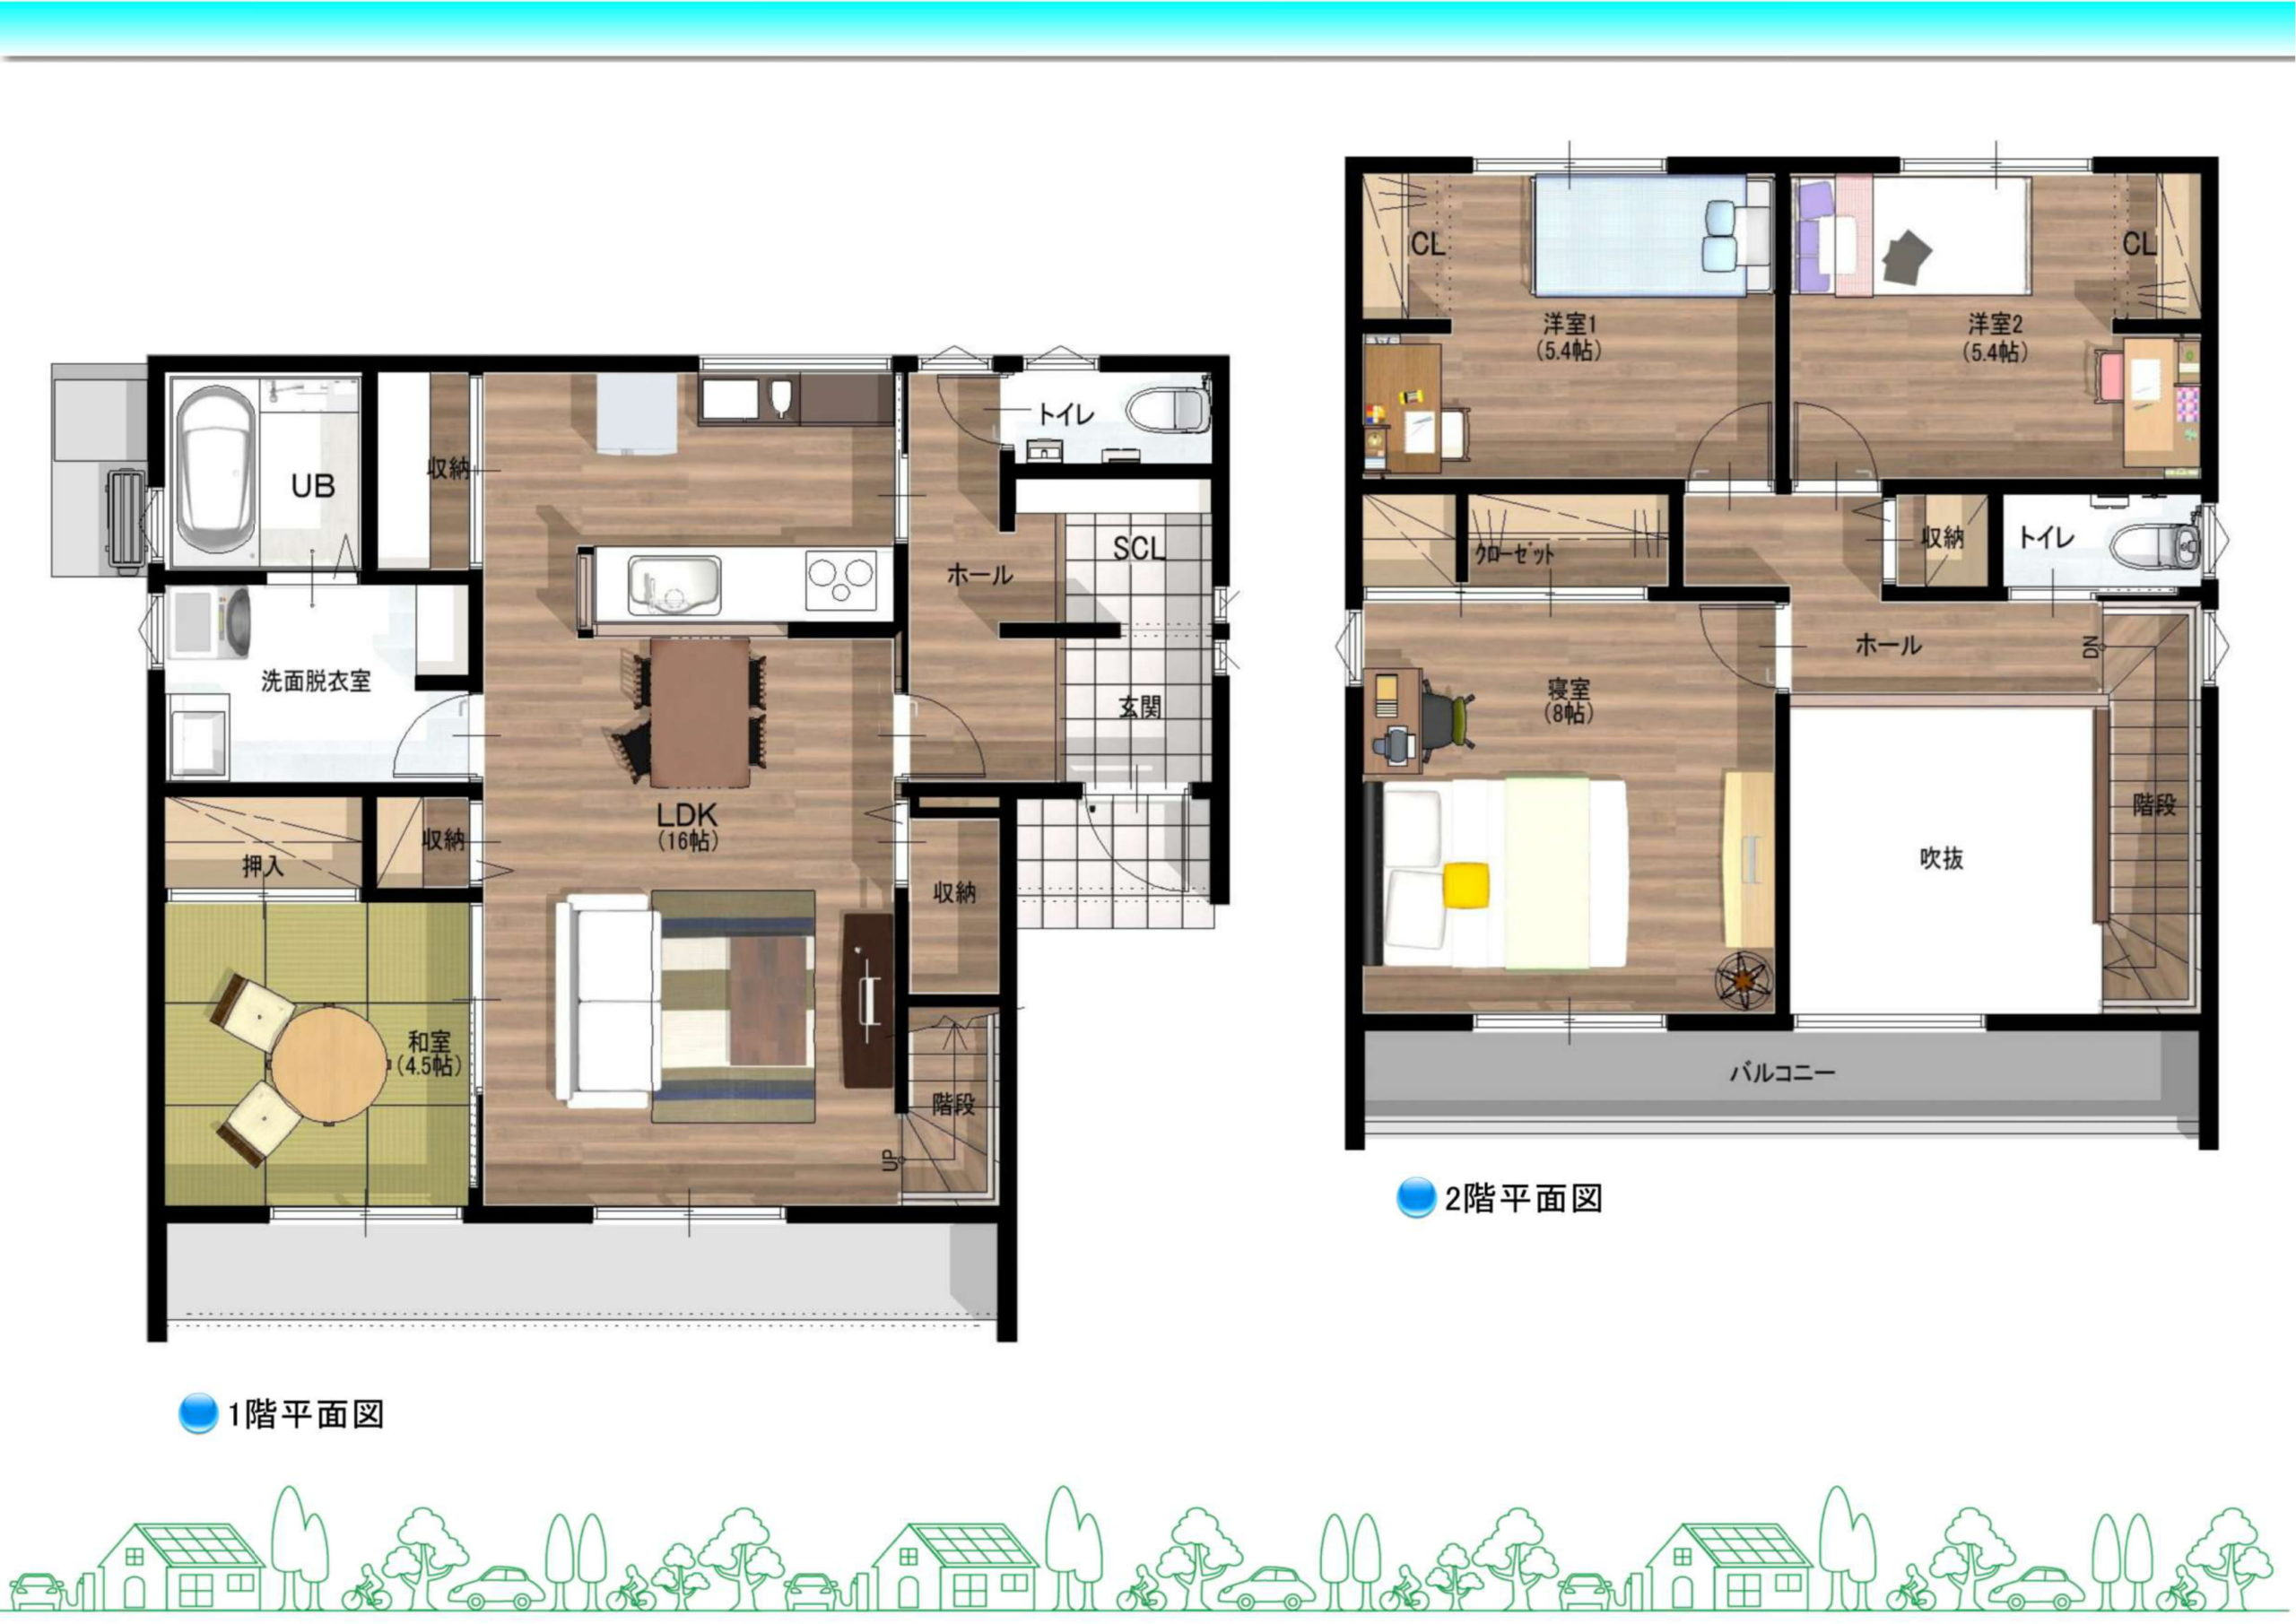 有田町外尾町新築住宅「OURS有田外尾」間取り図